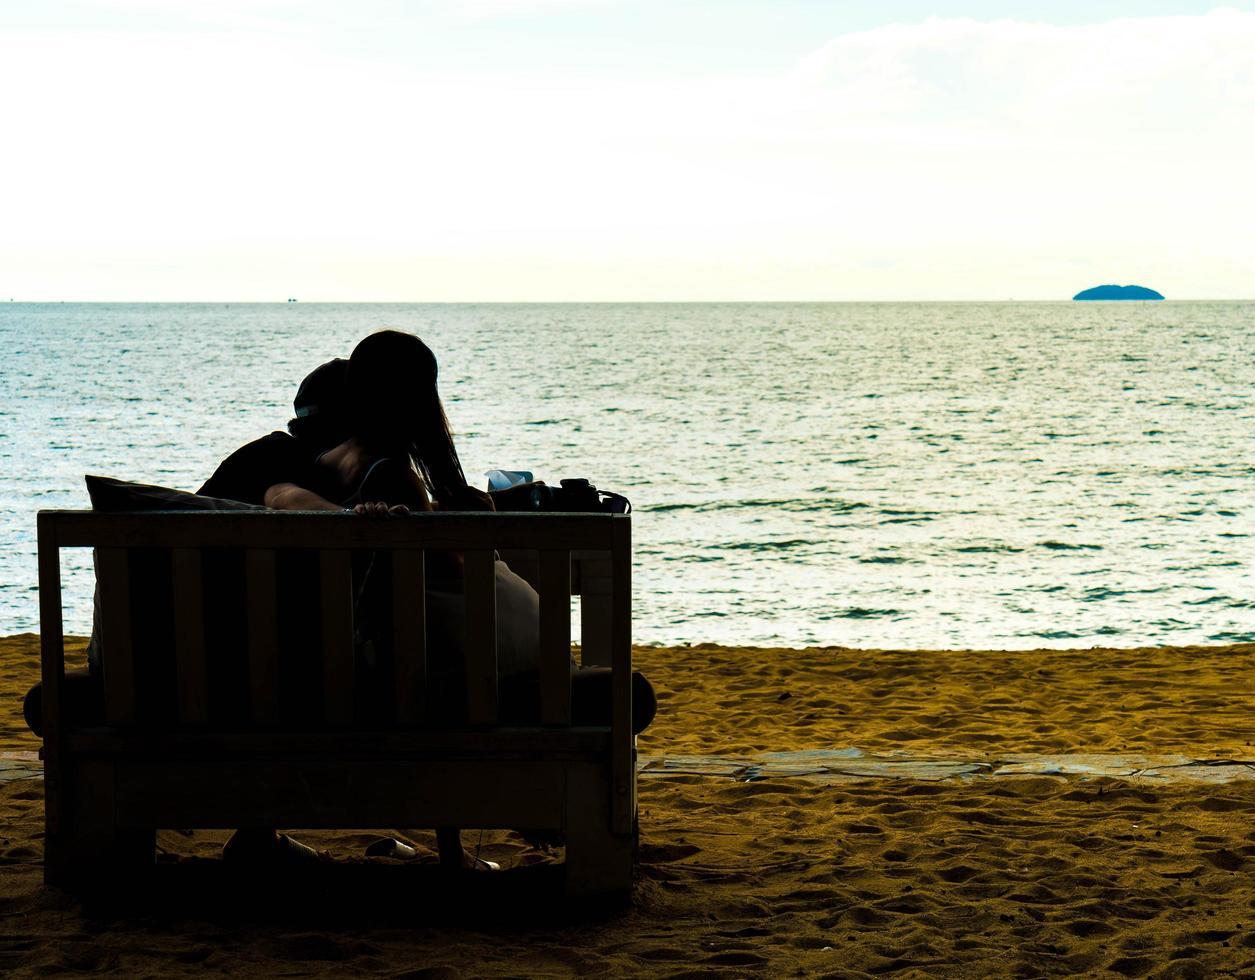 silhouet paar liefde met uitzicht op zee - vintage effect filter foto